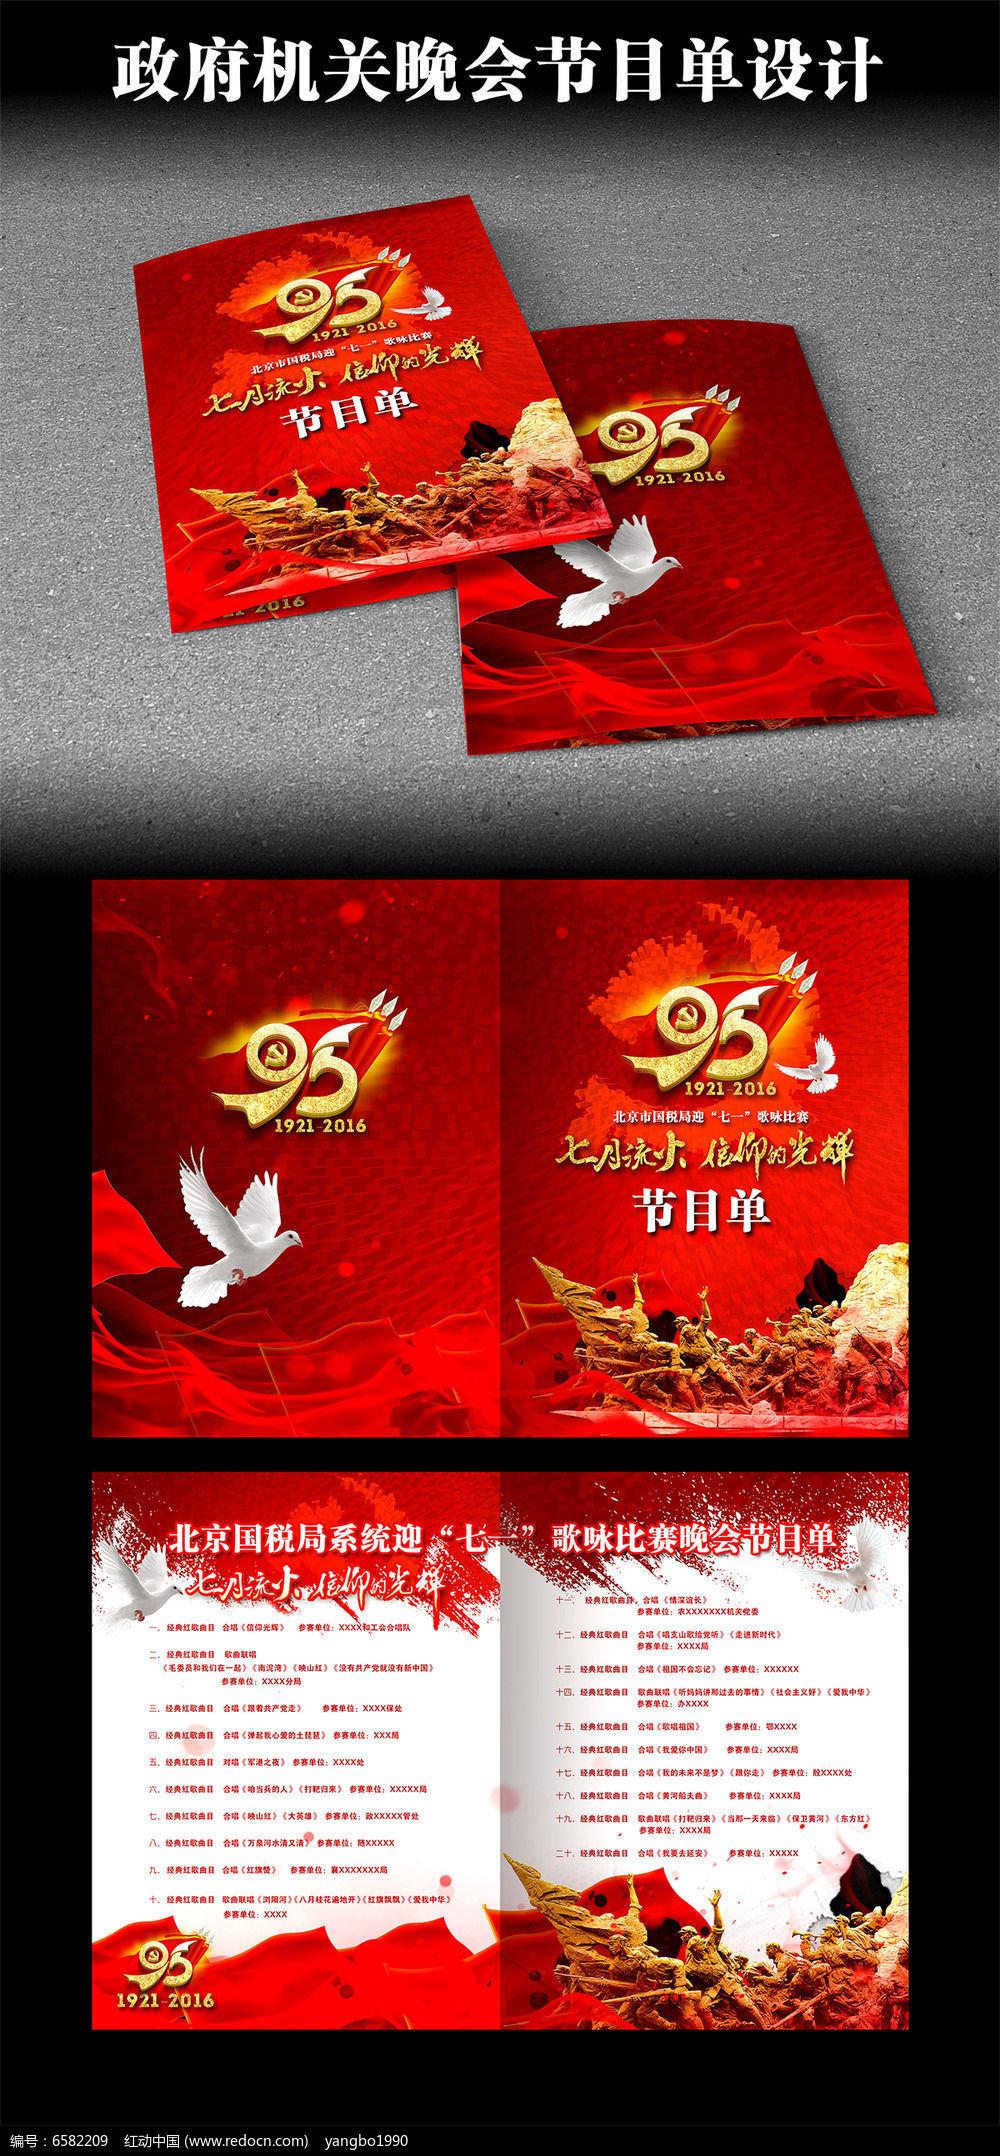 建党节政府活动晚会节目单设计图片